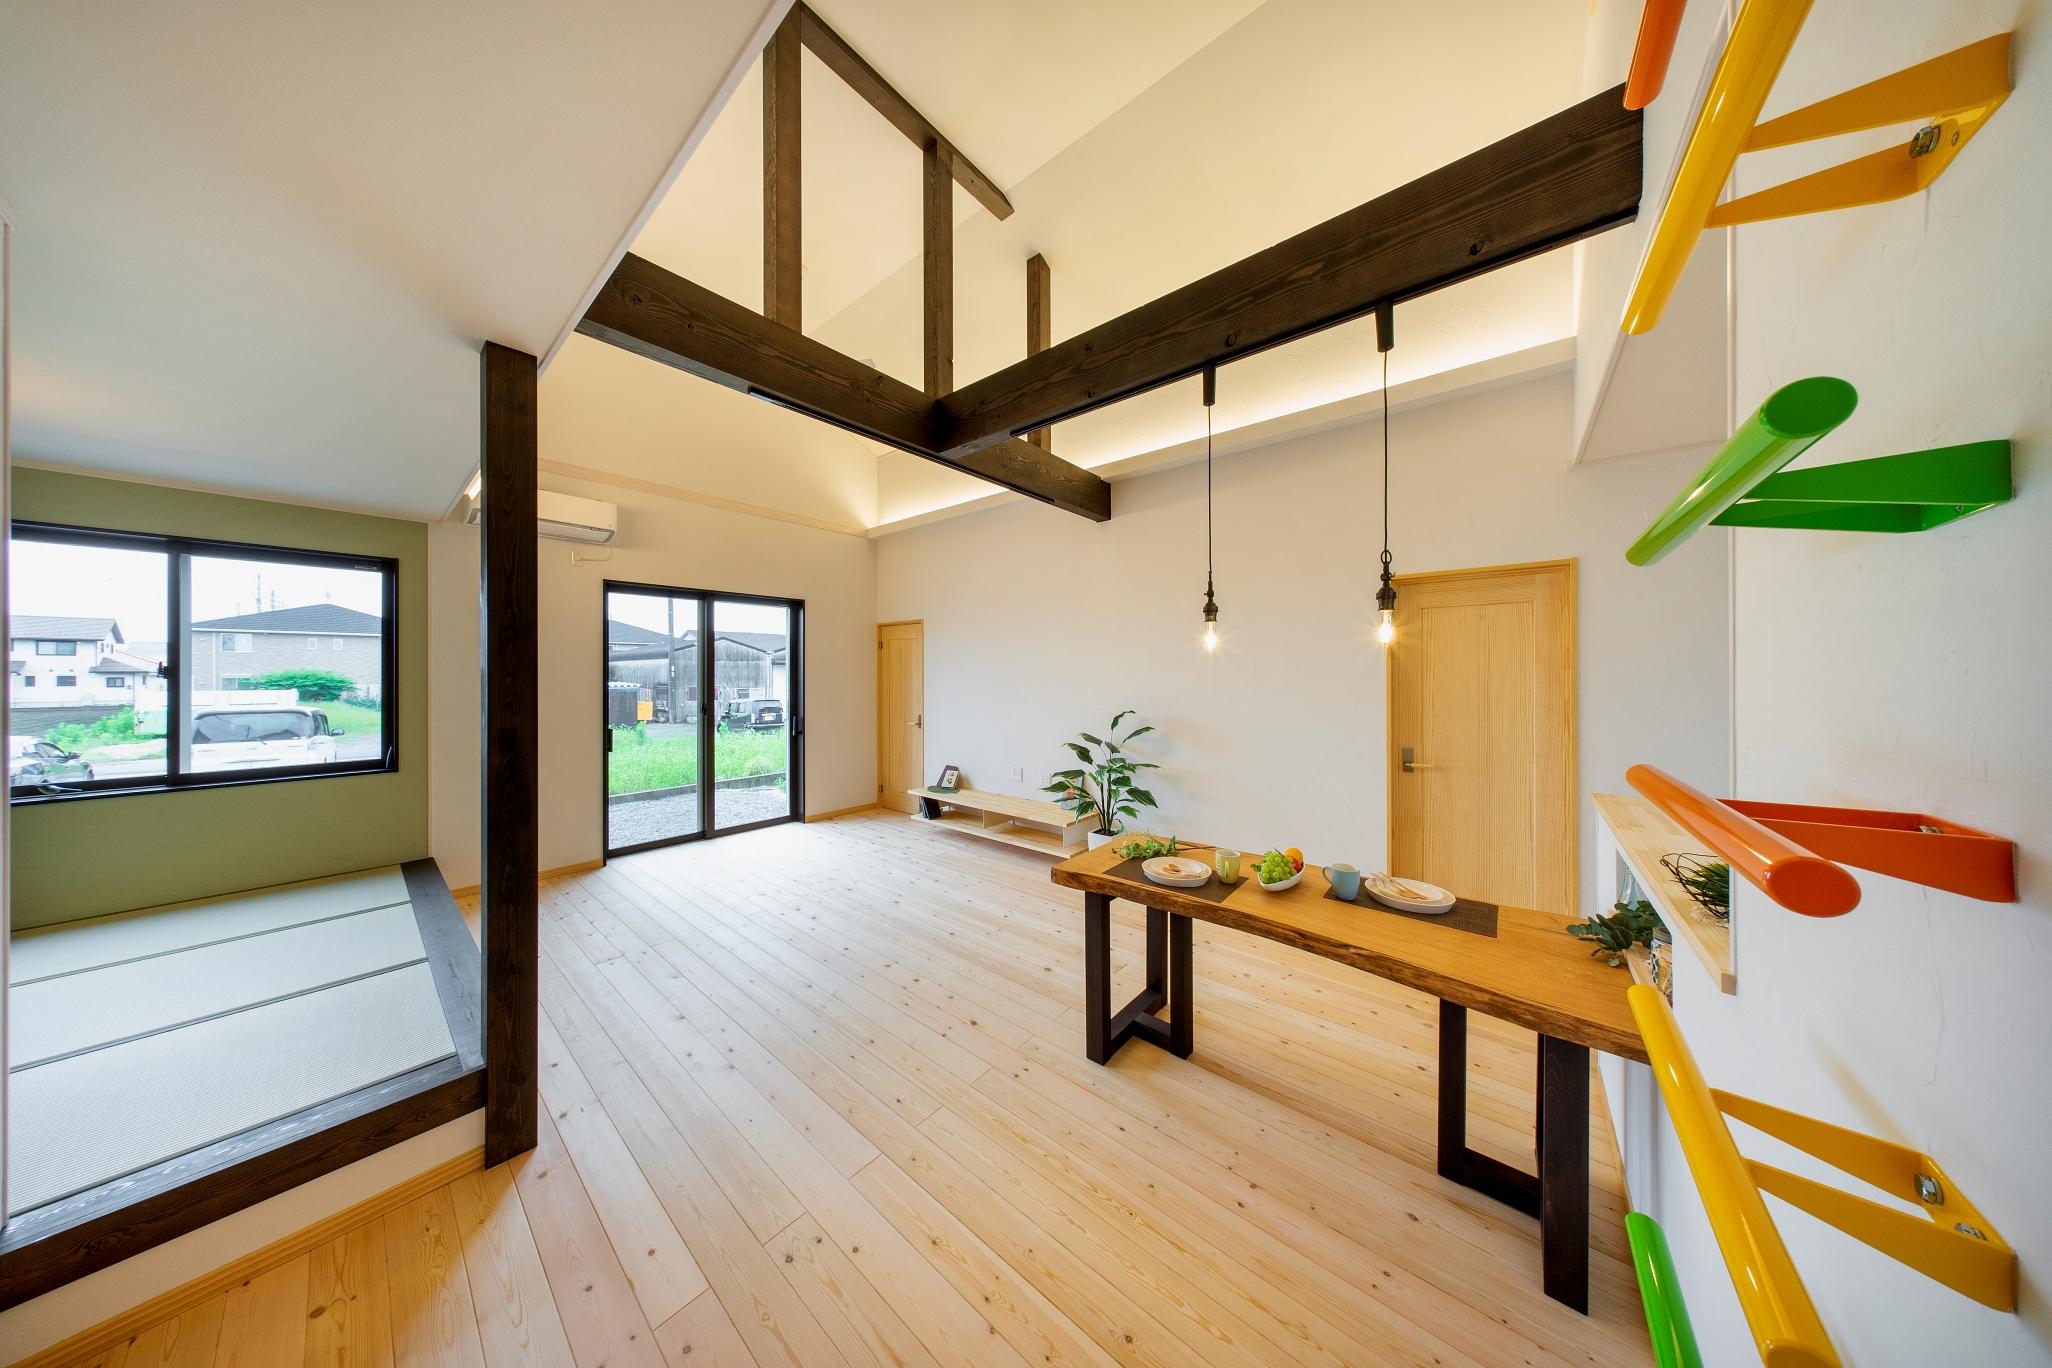 カラフルなはしごで屋根裏部屋へ♪遊びココロと家事動線が良い平屋のお家